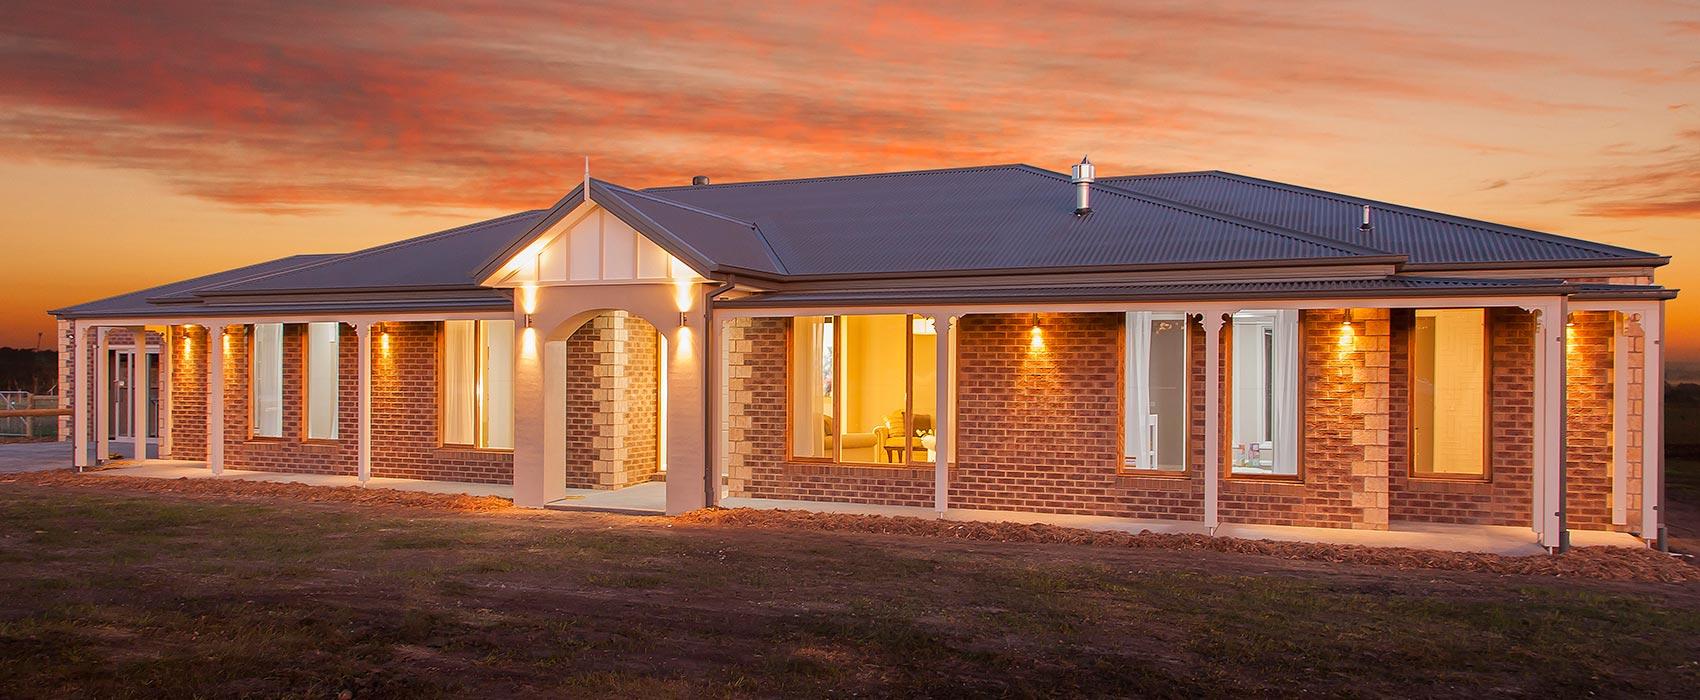 Belle Vista Display Home Sold